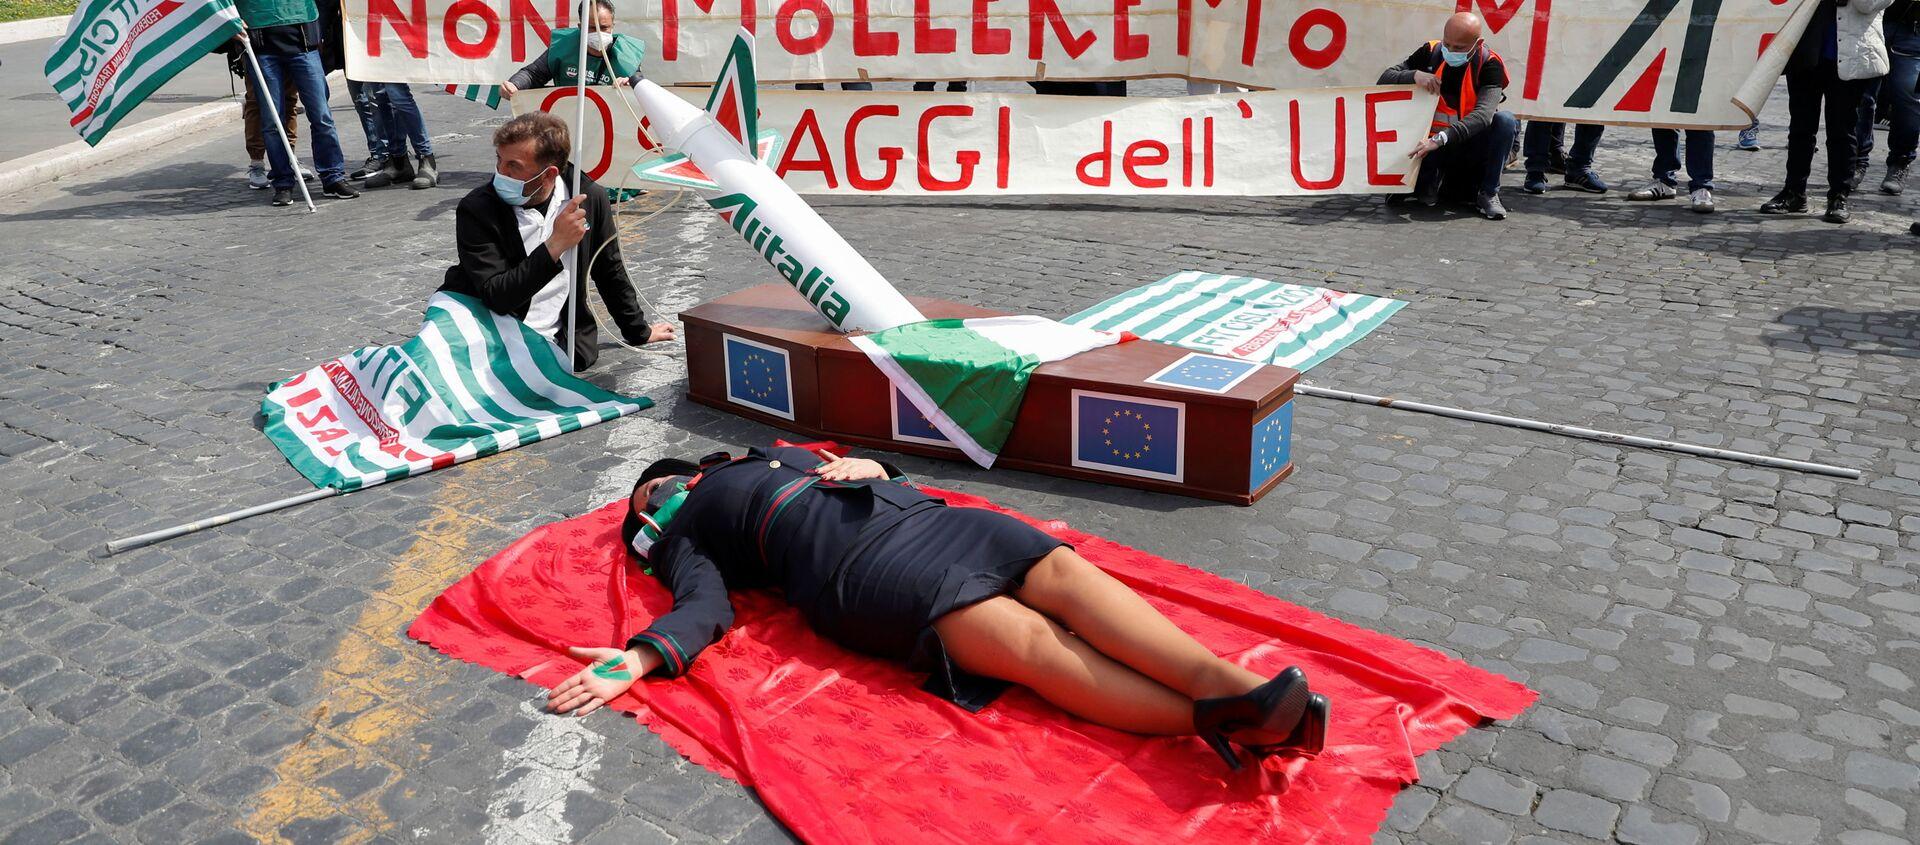 Рабочие Alitalia проводят акцию протеста, призывая правительство Италии отказаться от переговоров с Европейской комиссией по поводу реконструкции авиакомпании, Рим, Италия, 16 апреля 2021 года - Sputnik Italia, 1920, 22.04.2021